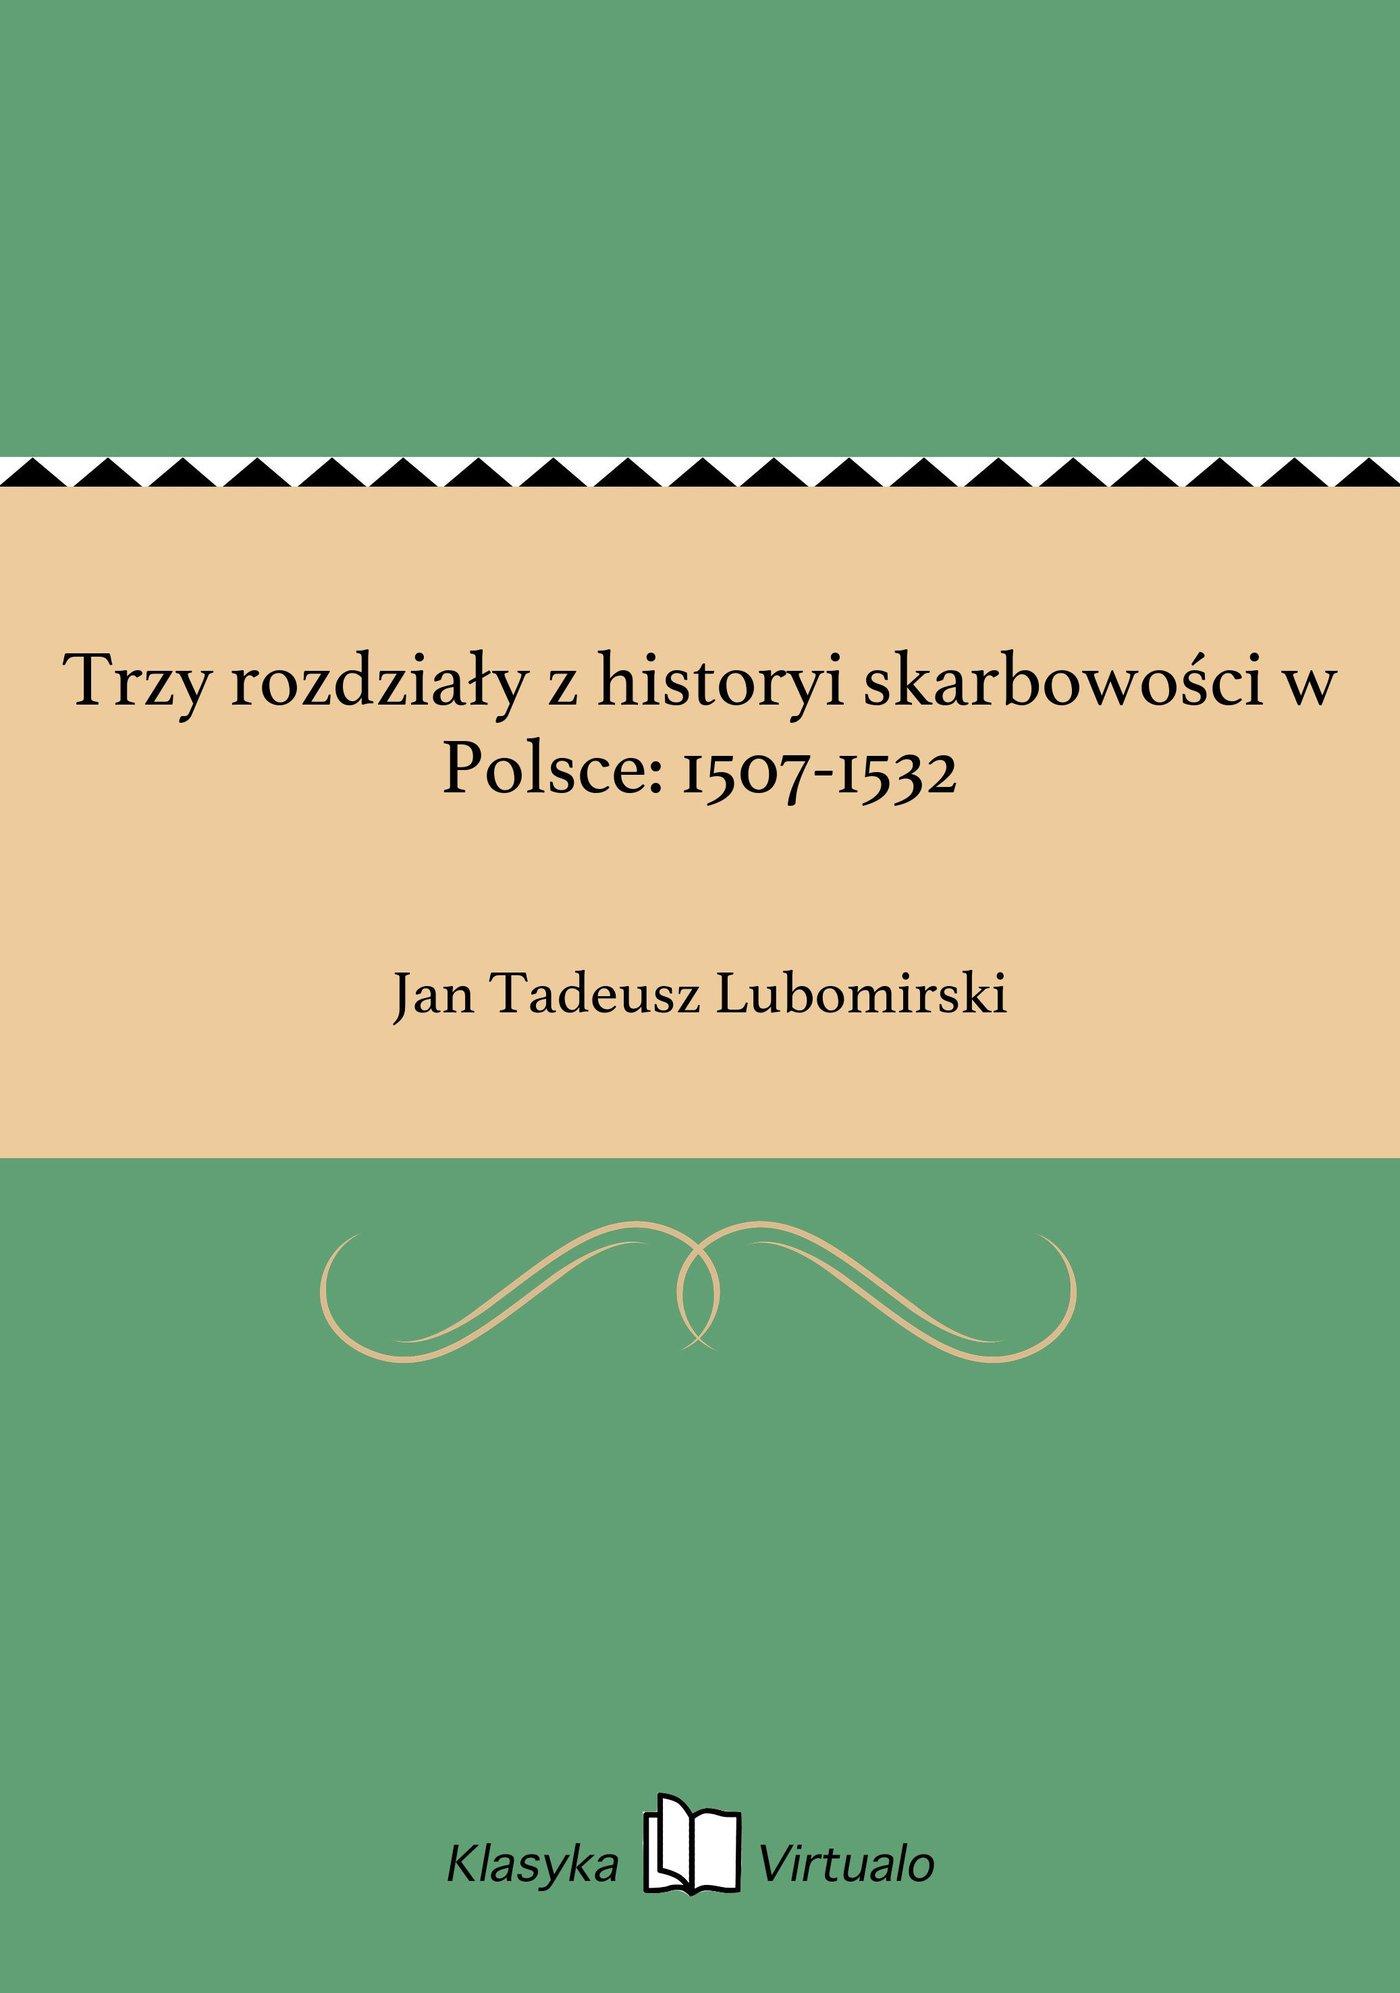 Trzy rozdziały z historyi skarbowości w Polsce: 1507-1532 - Ebook (Książka EPUB) do pobrania w formacie EPUB